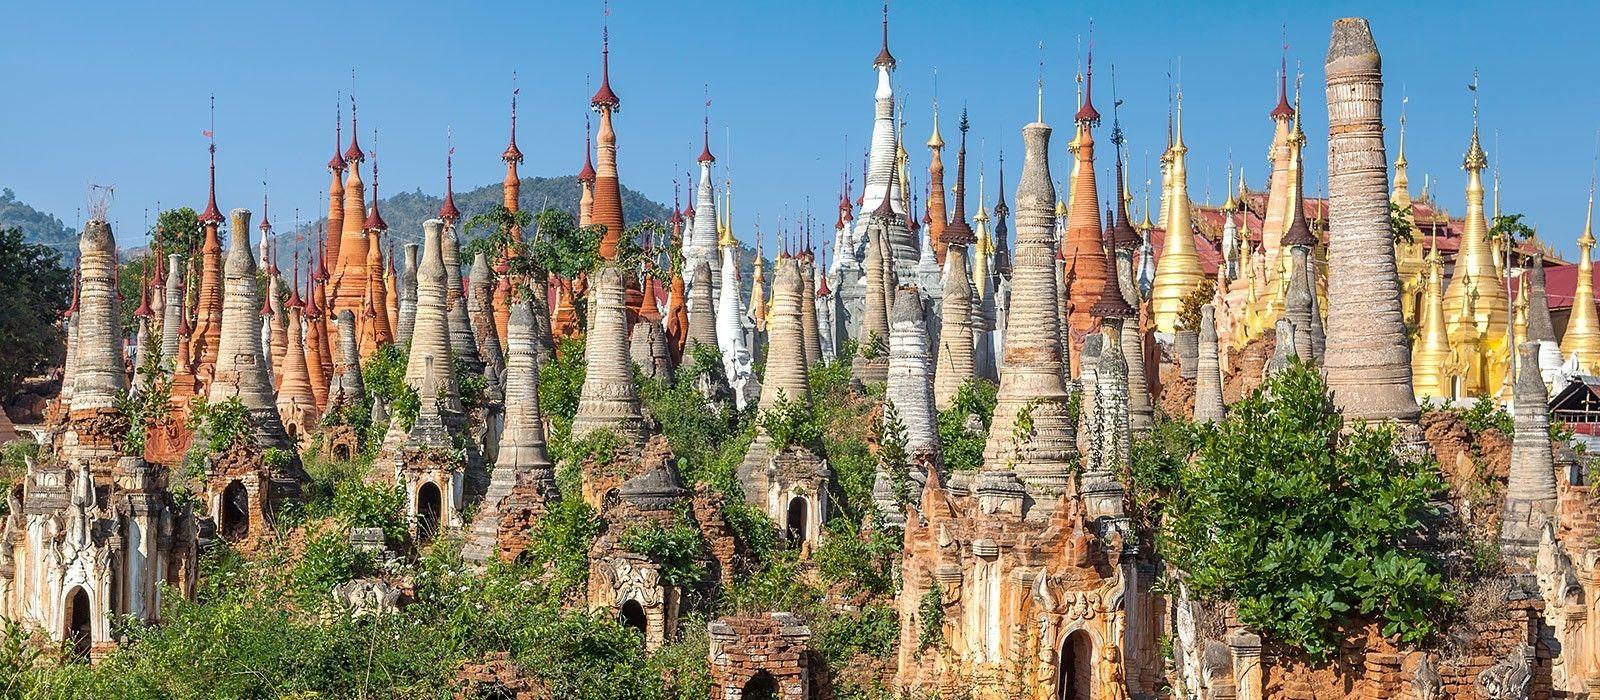 Reiseziel Kalaw Myanmar